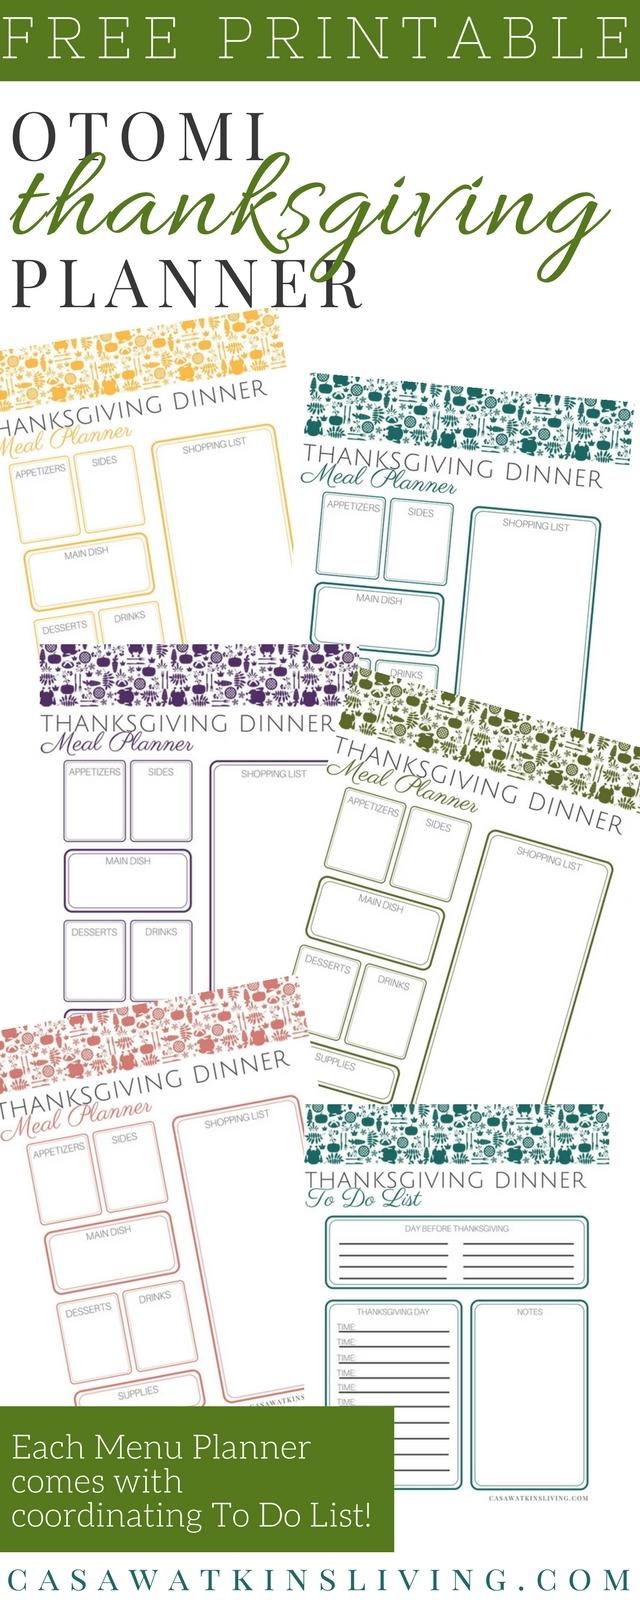 photograph relating to Thanksgiving Planner Printable titled Otomi Thanksgiving Menu Planner Printable - Casa Watkins Dwelling